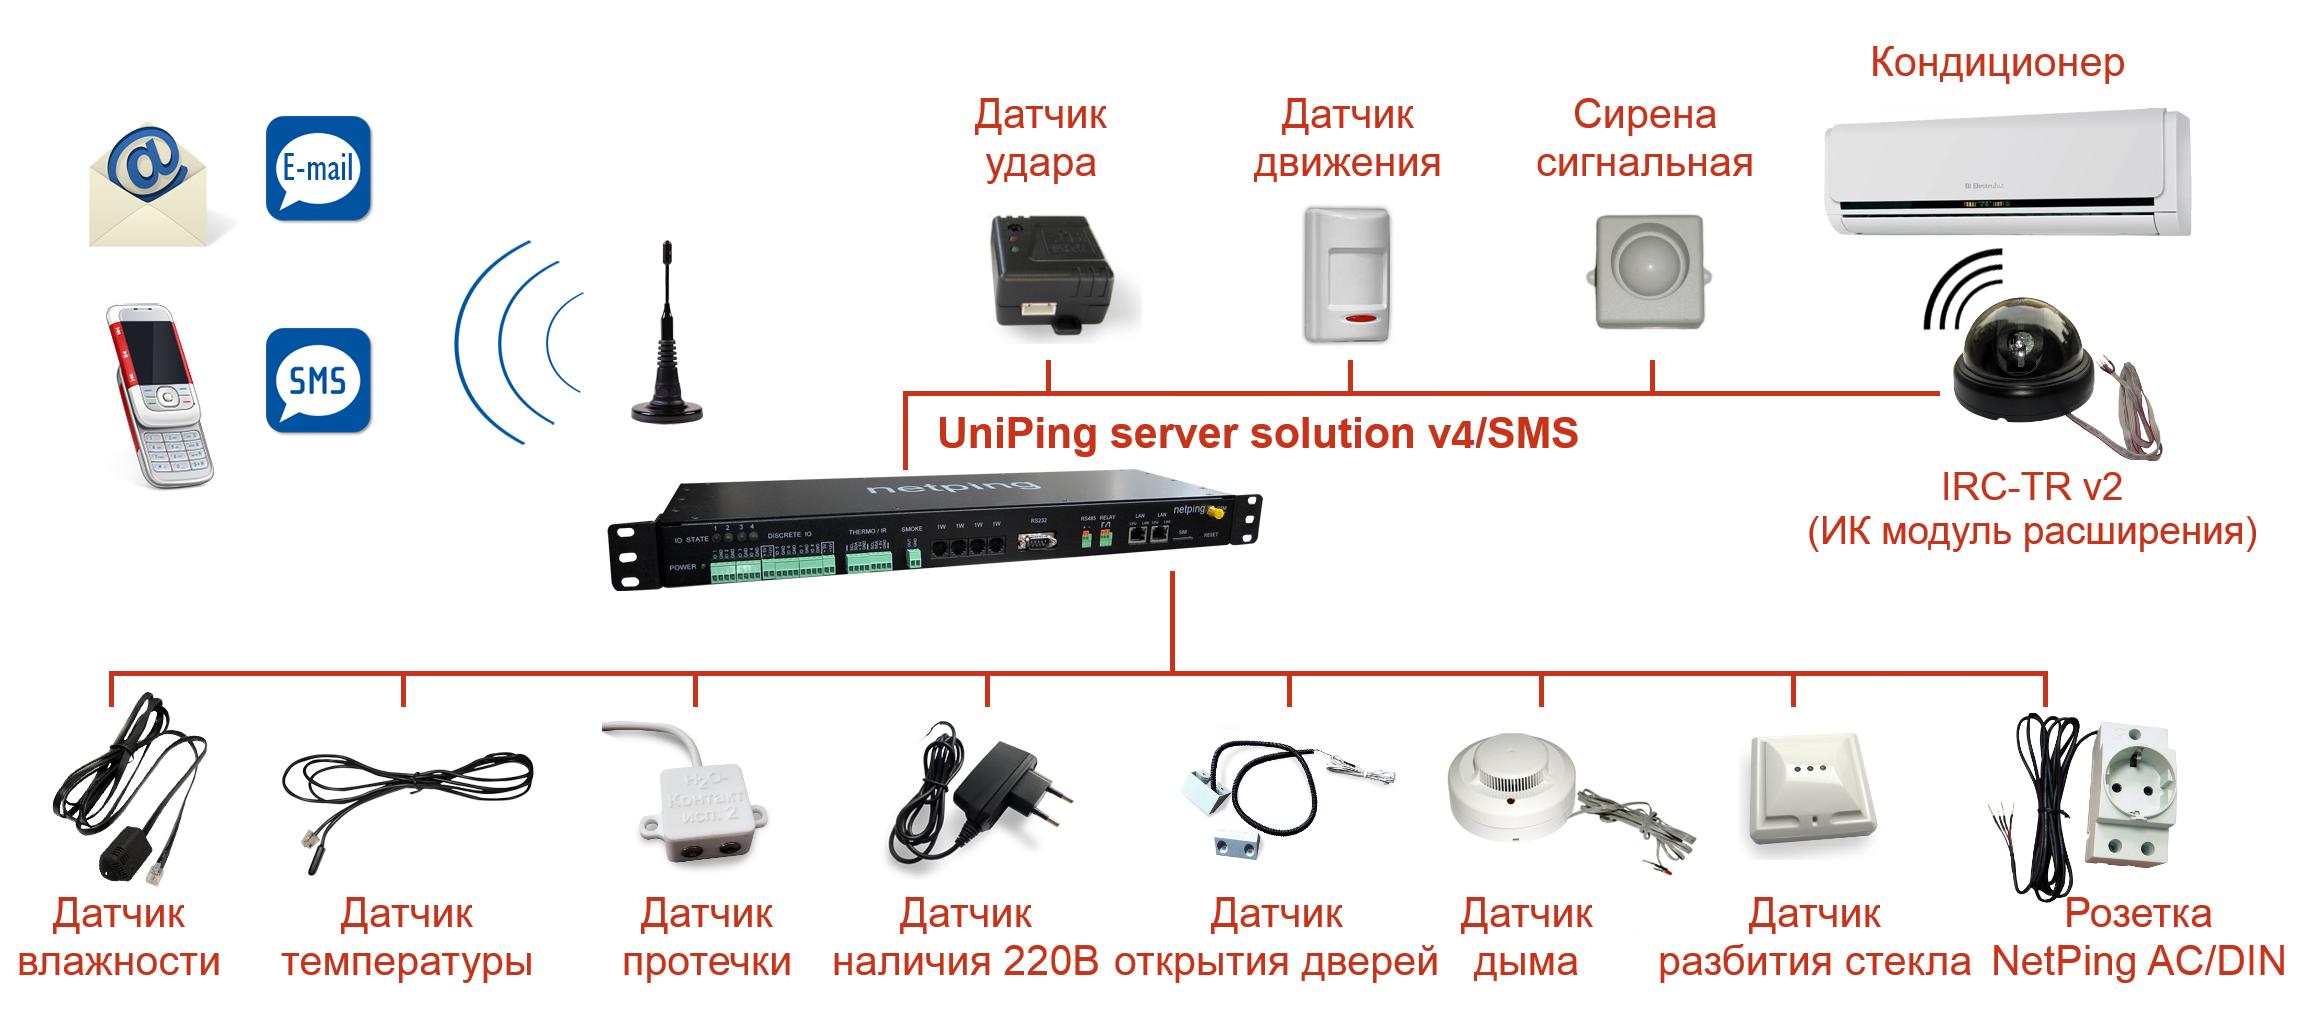 Подключение датчиков и внешних устройств к UniPing server solution v4SMS